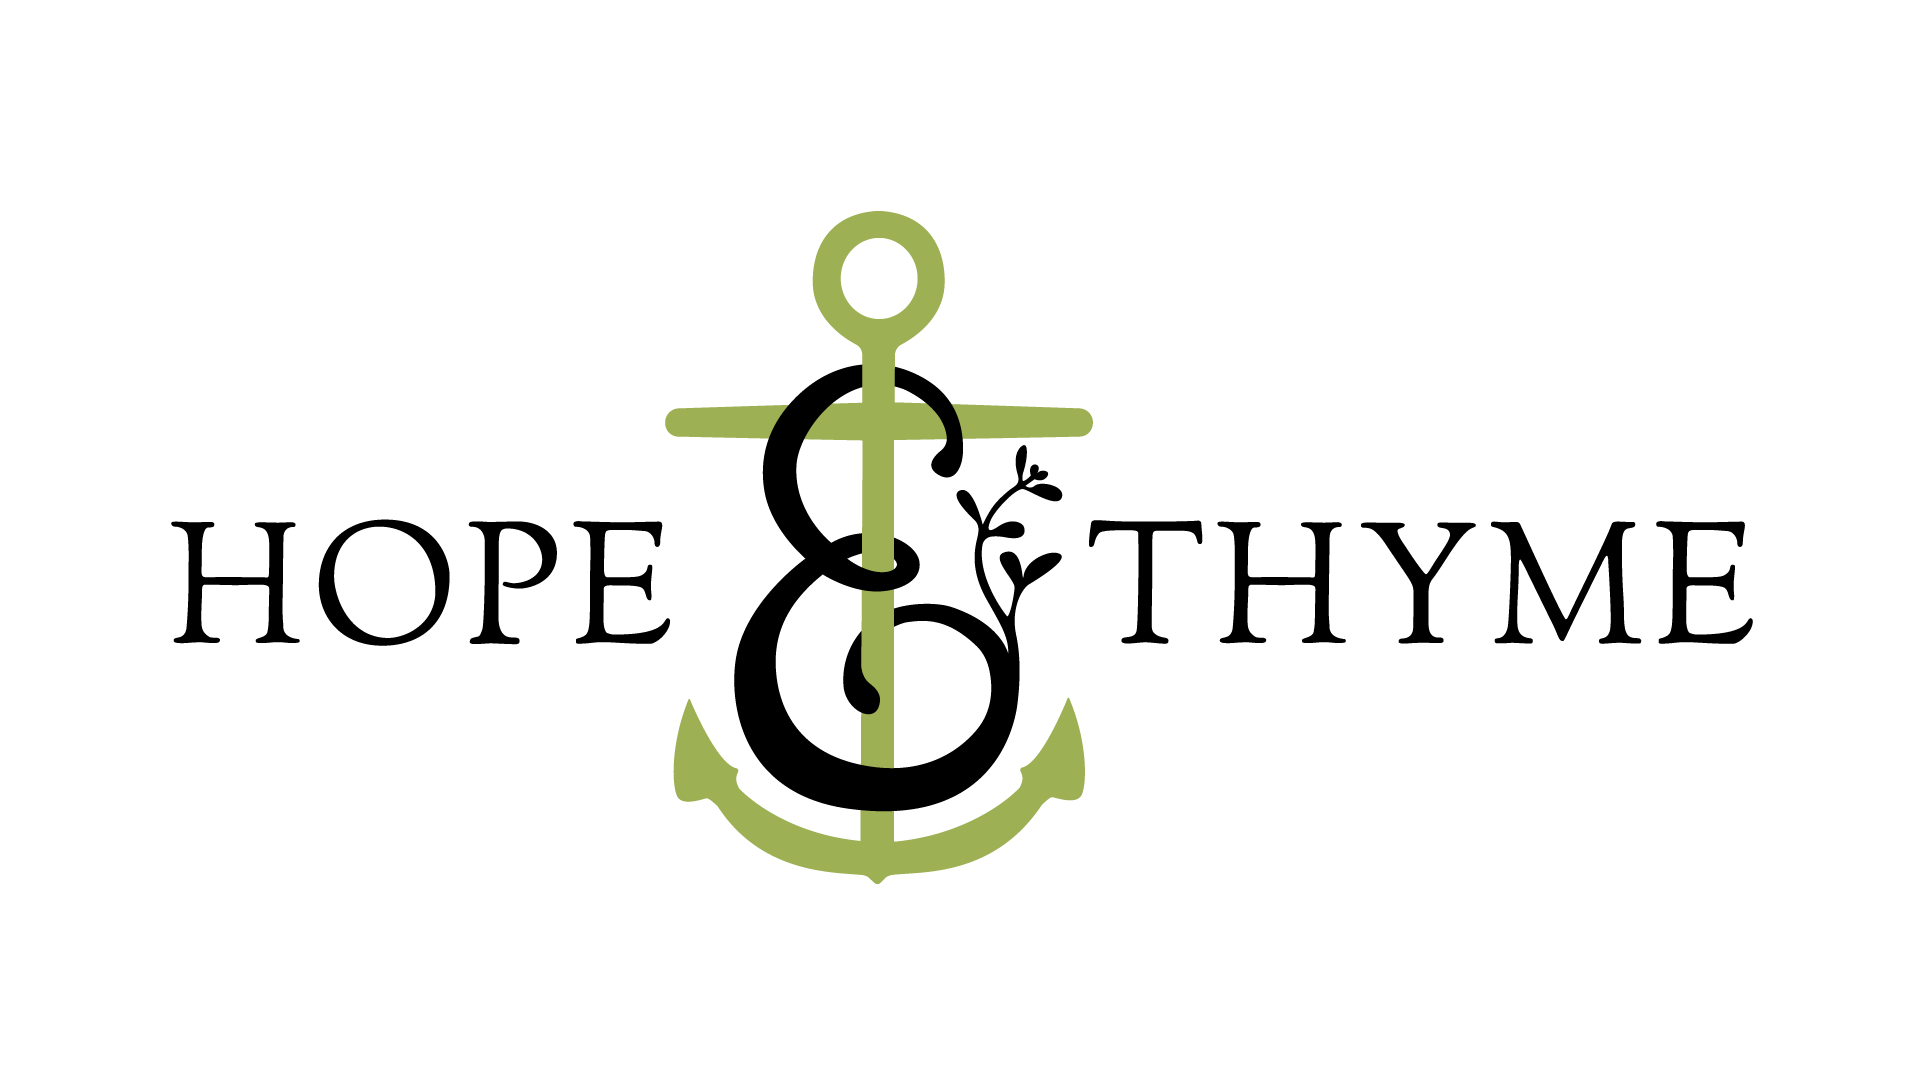 Transparent-Logo-03.png